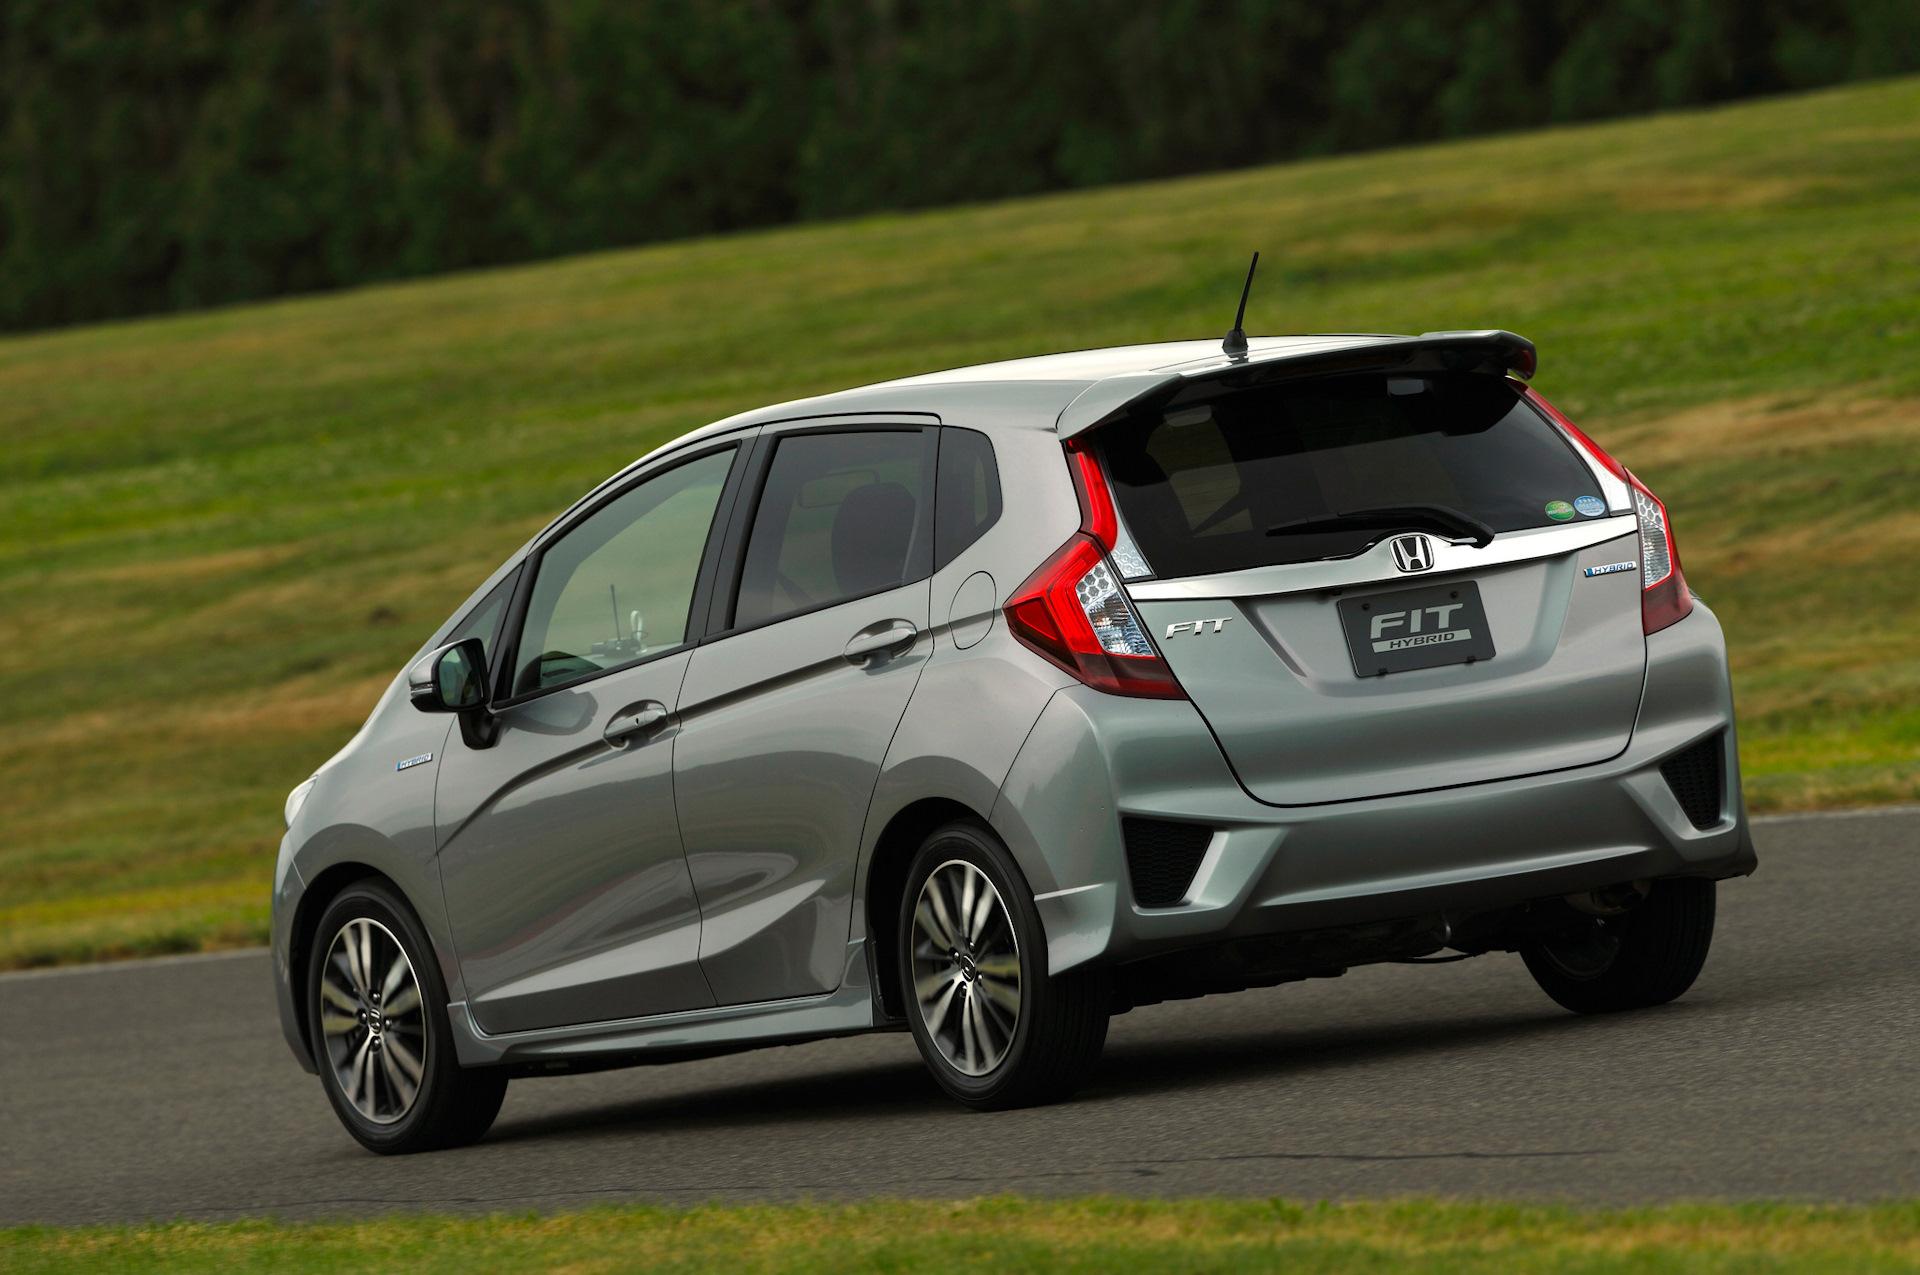 Хонда фит новый кузов фото